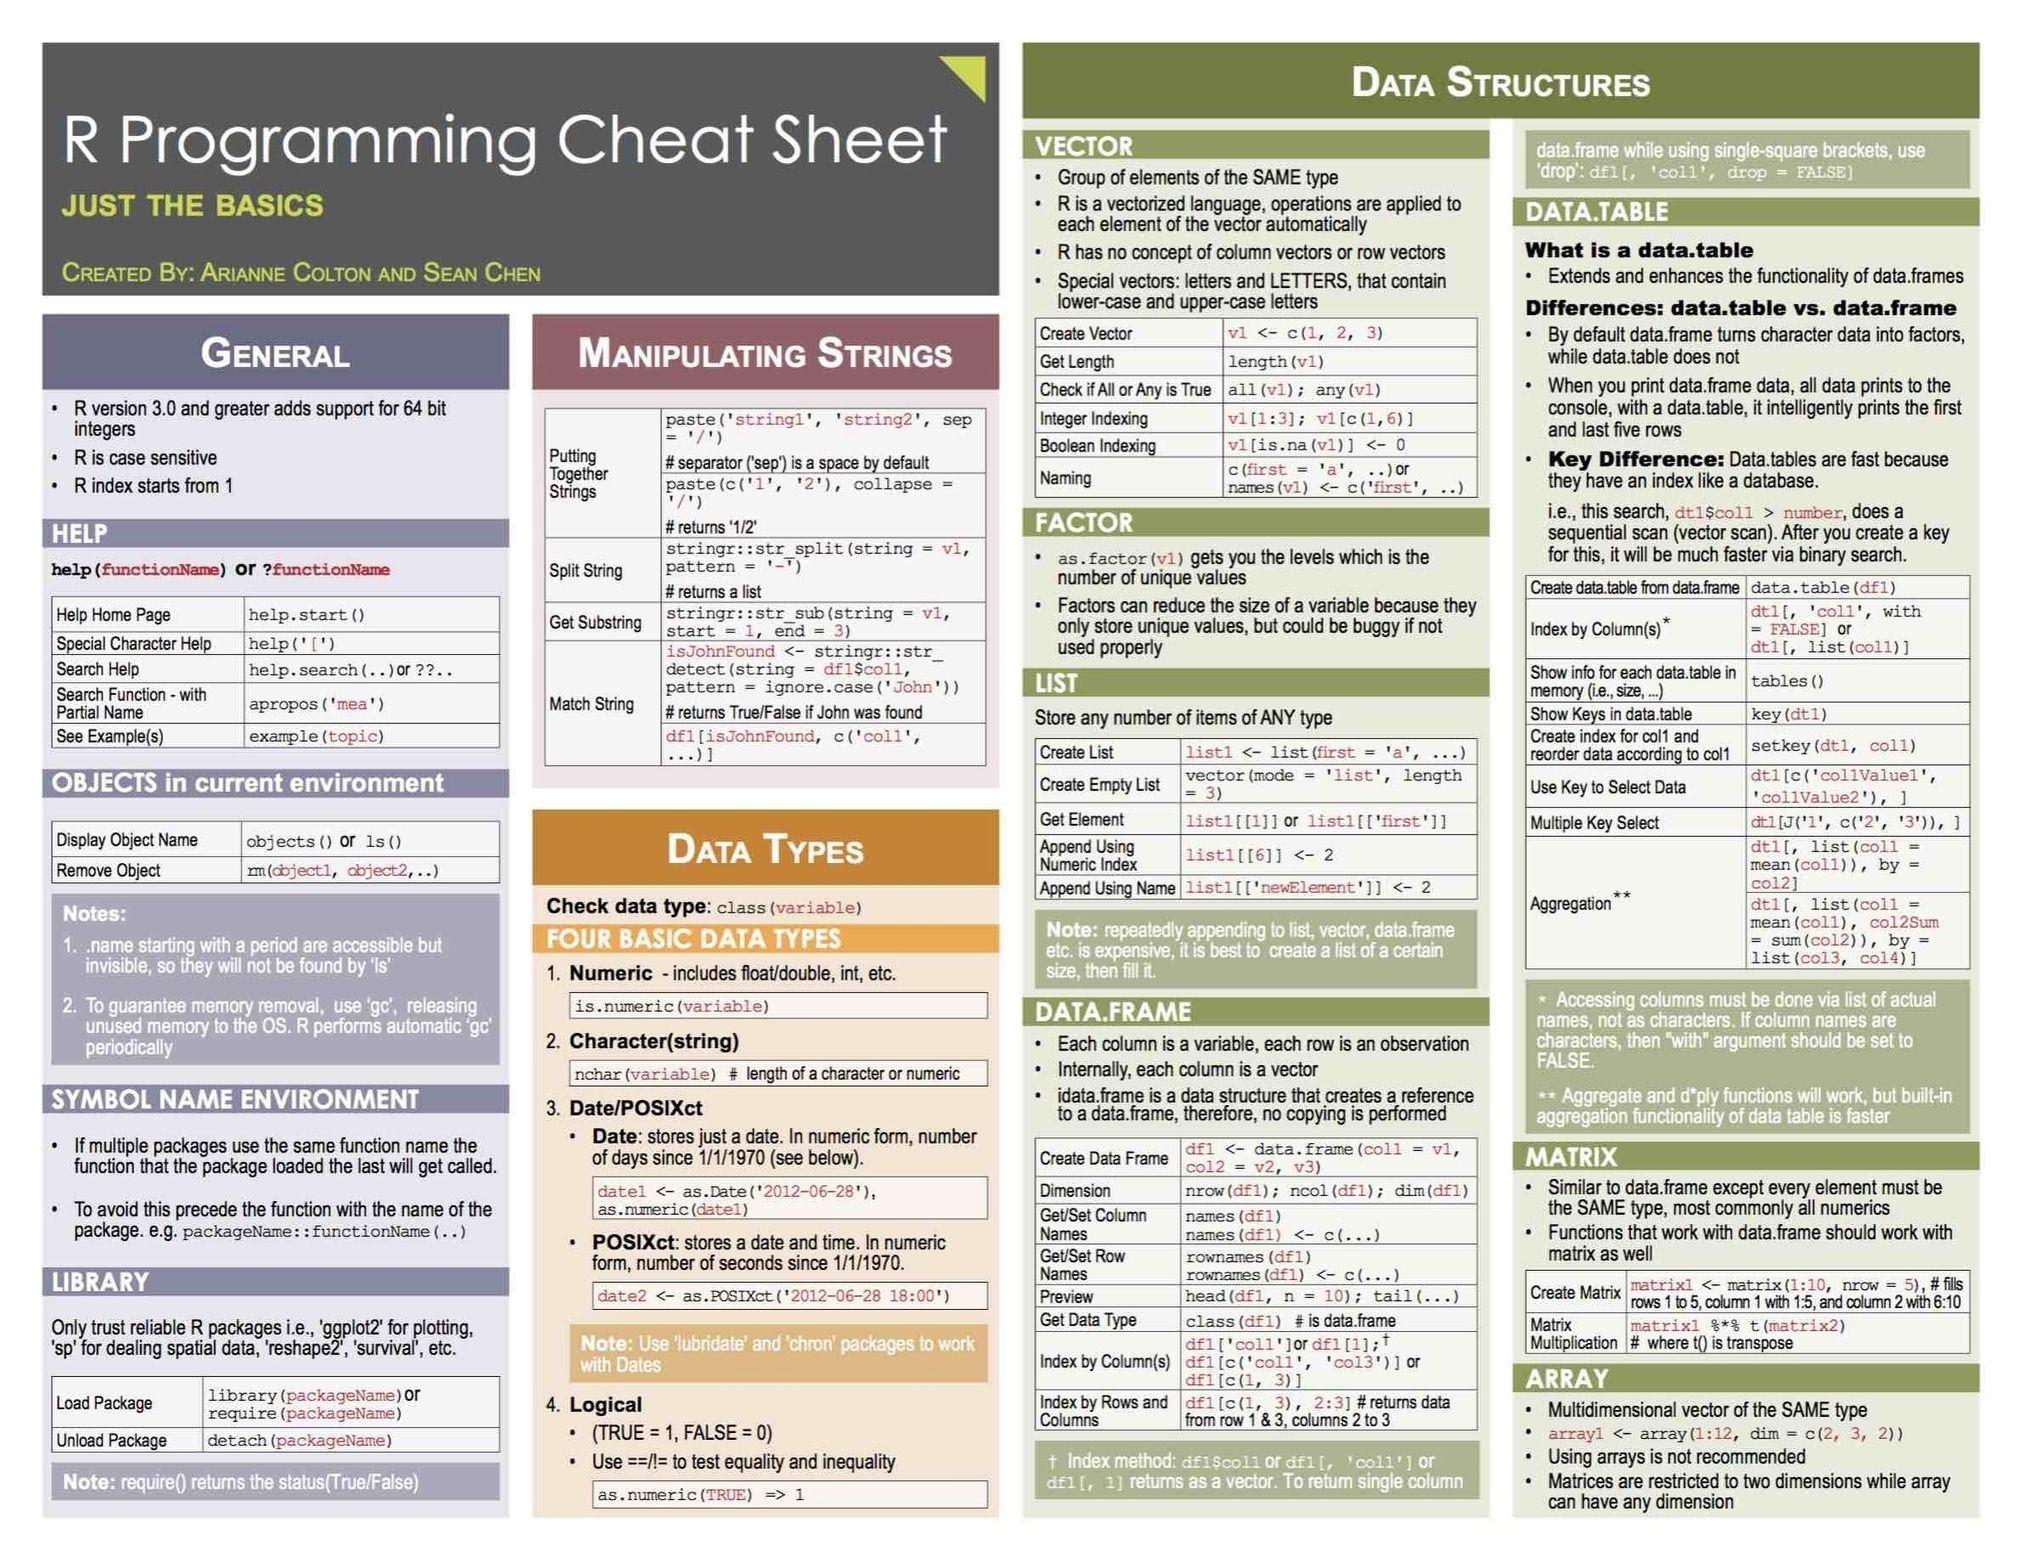 R and Python cheatsheets   Data analysis, statistics and machines